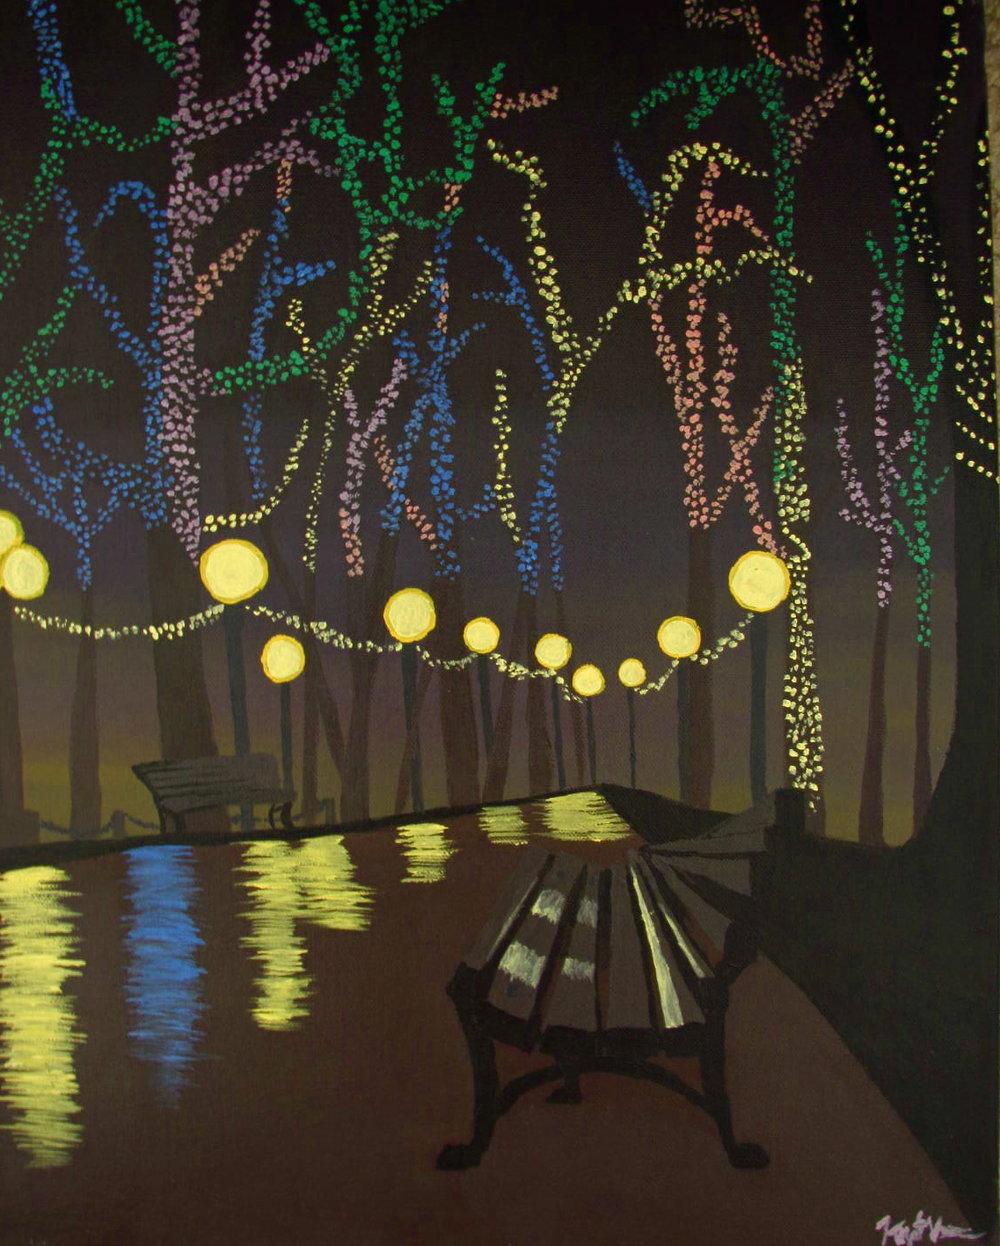 Acrylic on canvas, 2010.